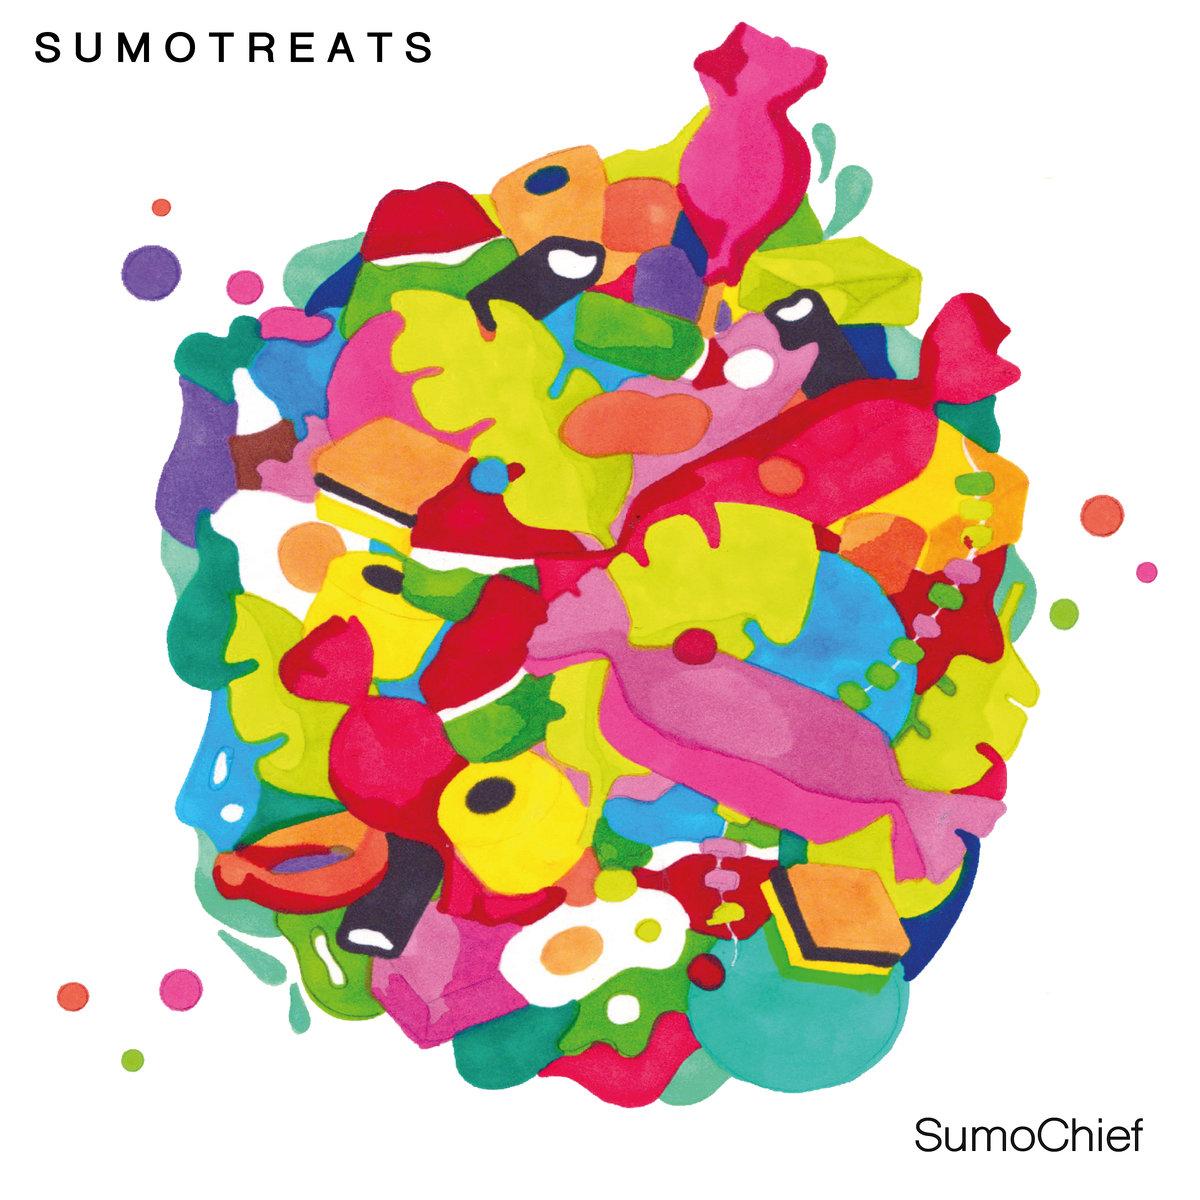 SUMOCHIEF - SUMO TREATS (SELF-RELEASED, 2016)